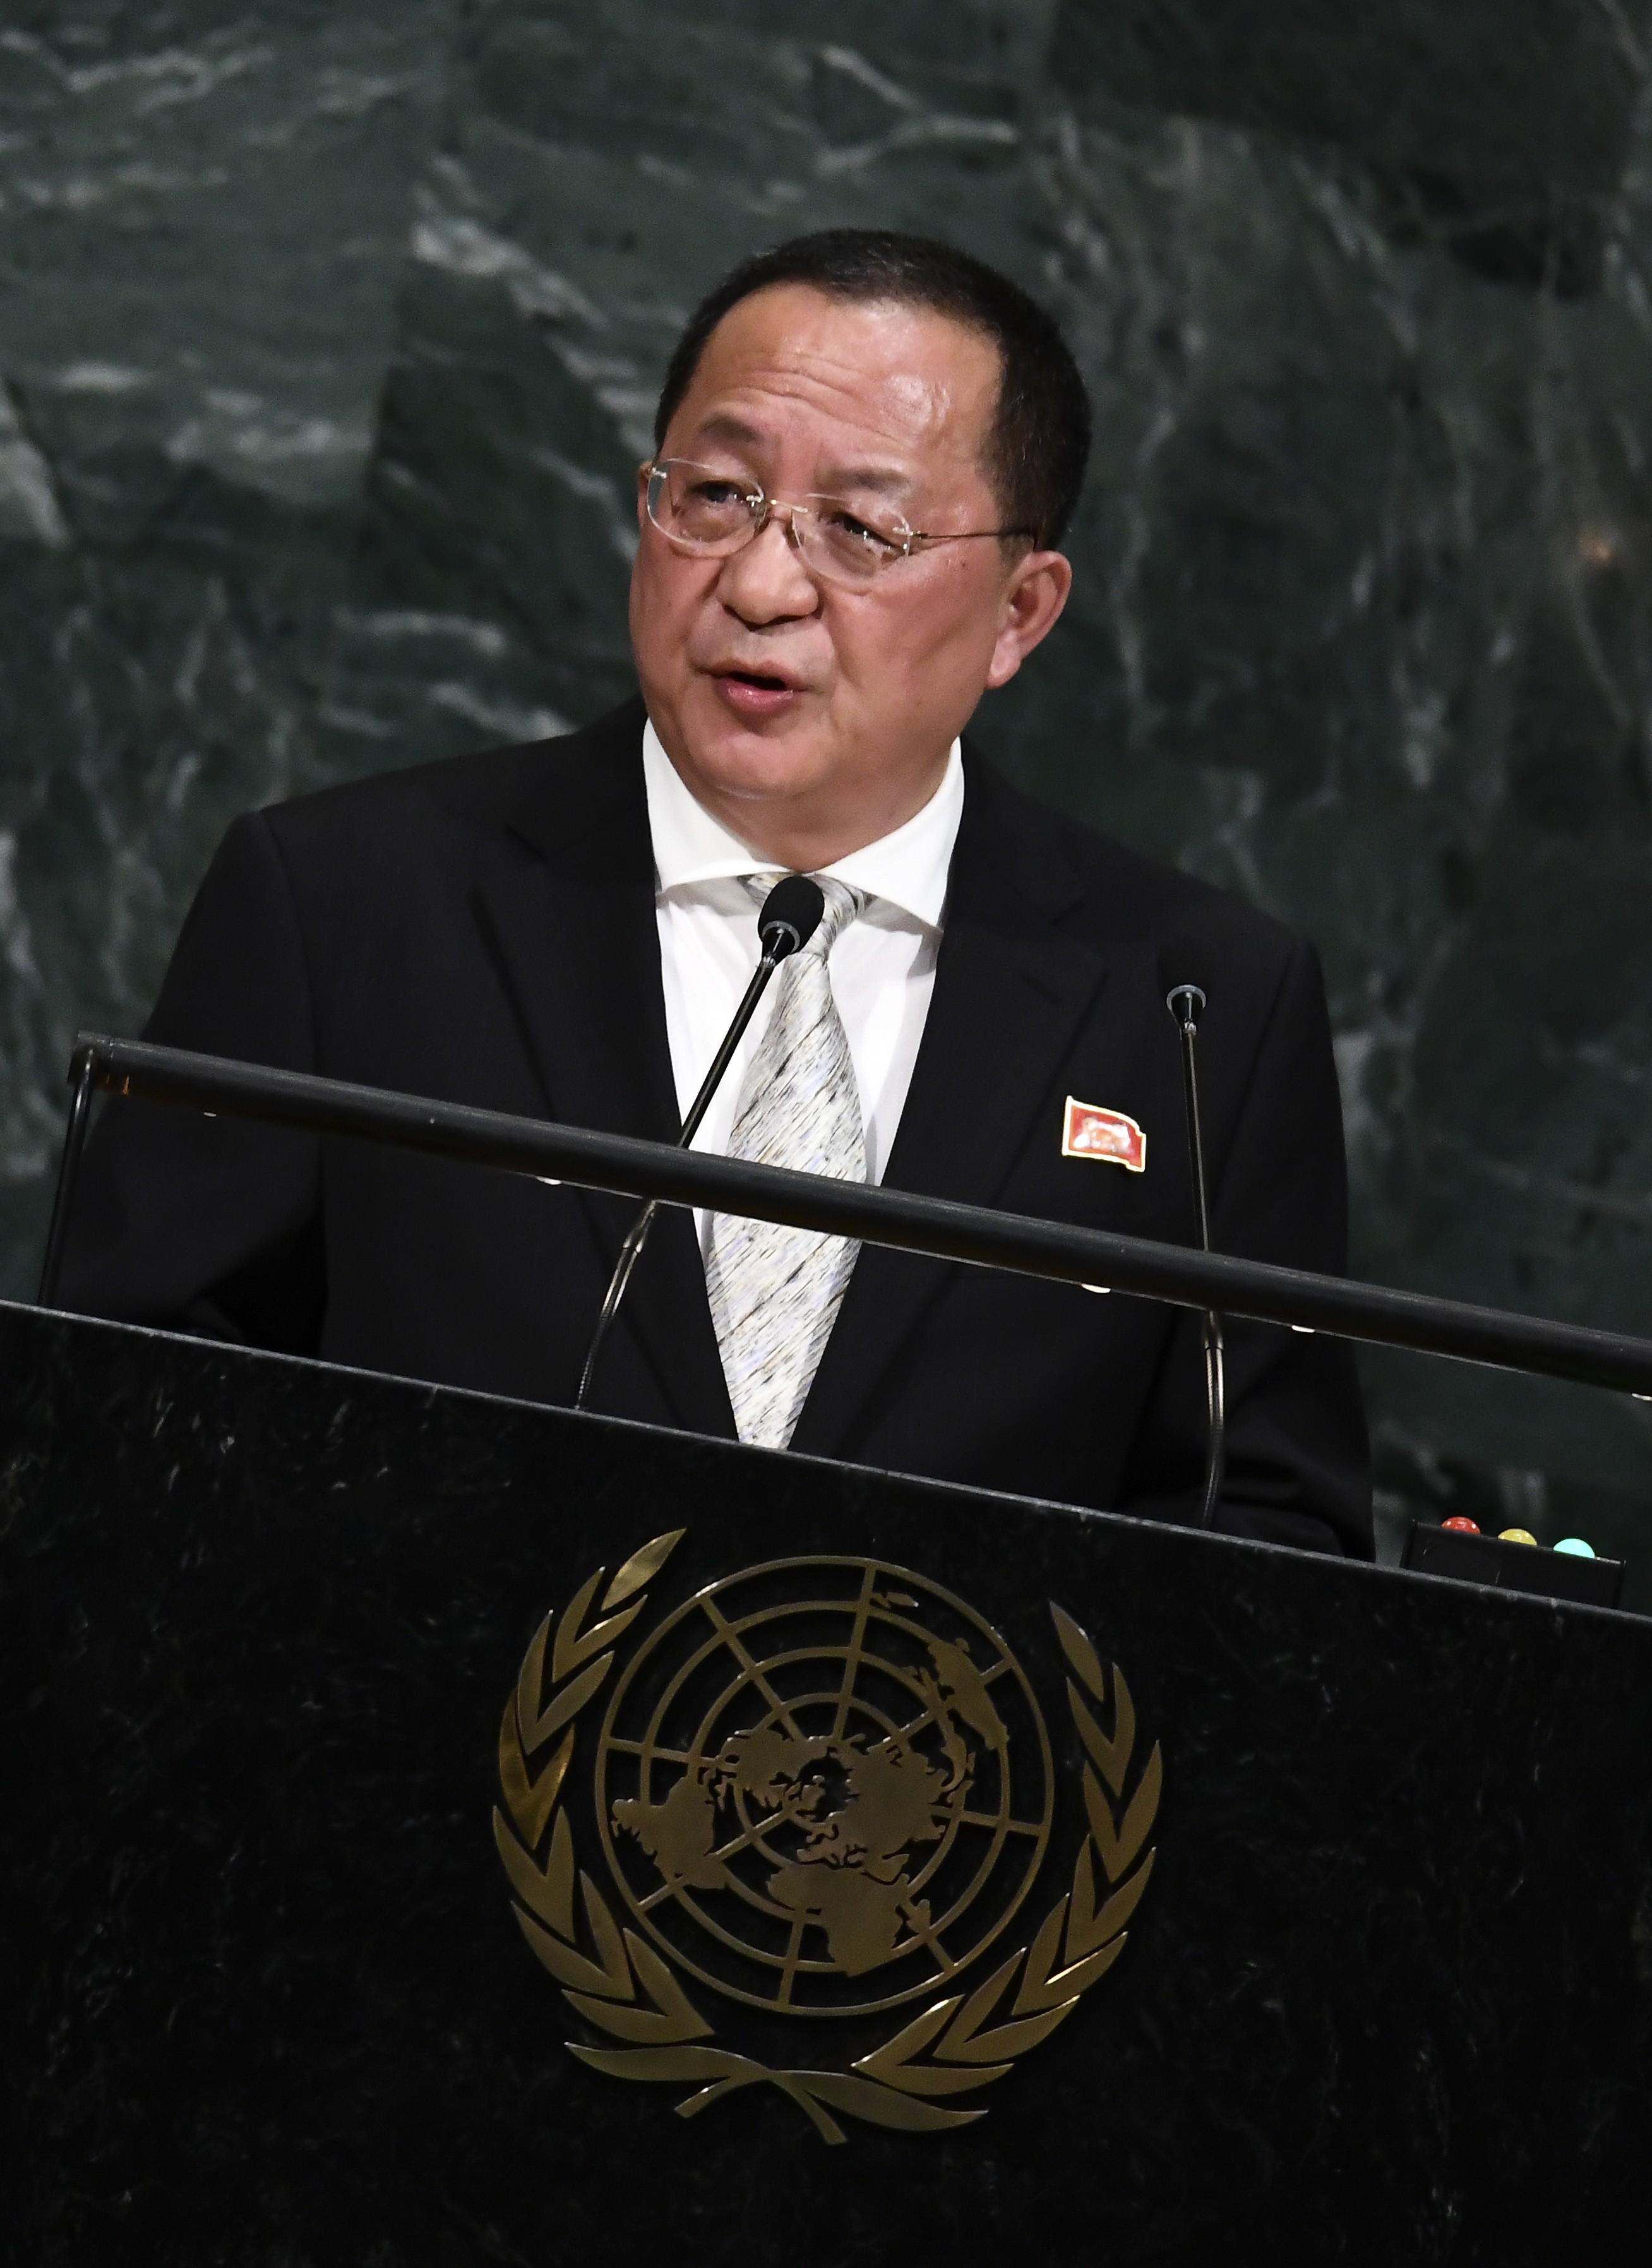 Ofensas de Trump tornam ataque contra os EUA inevitável, diz chanceler norte-coreano